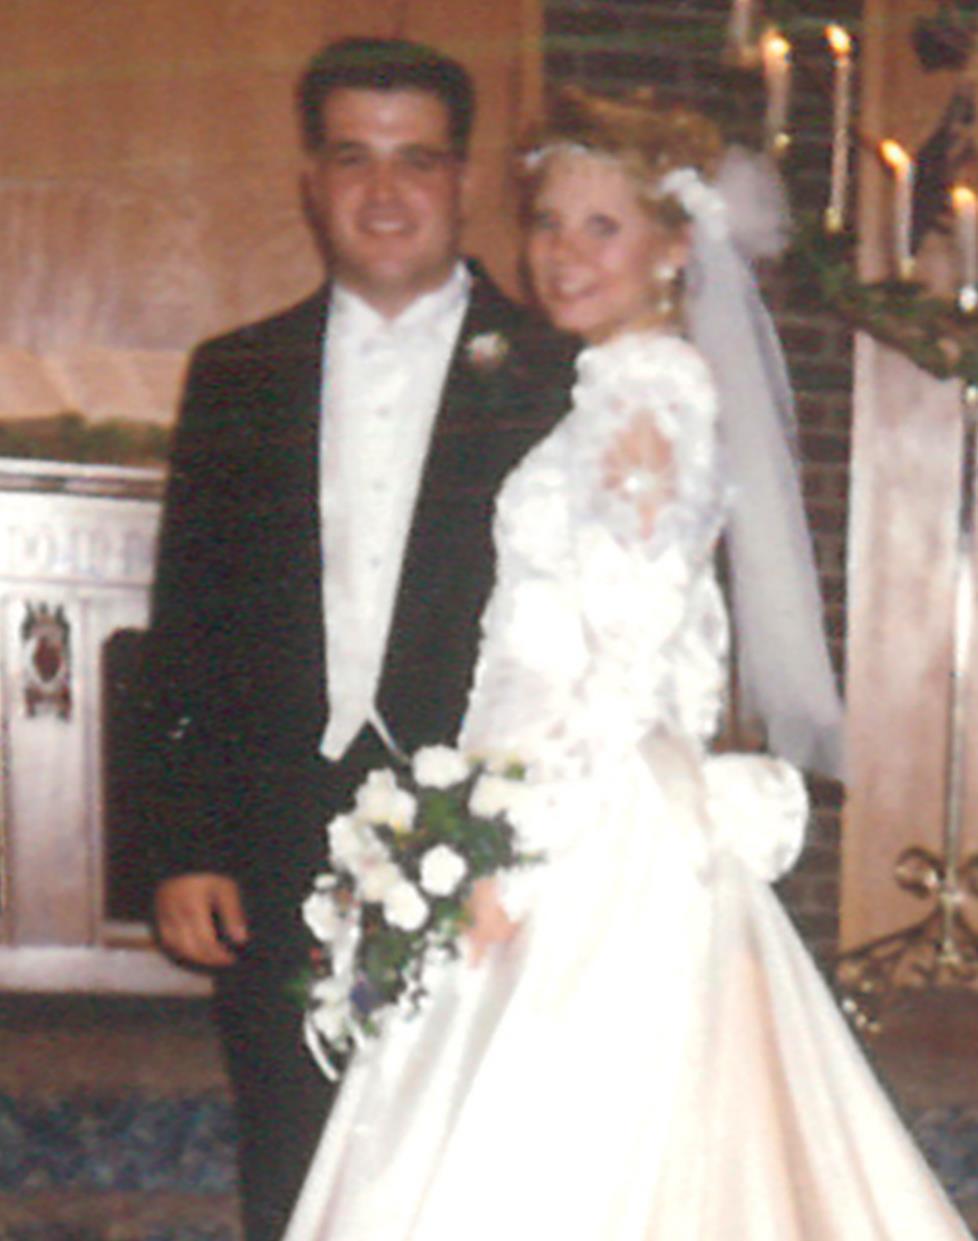 Mr. and Mrs. Shane Rockefeller